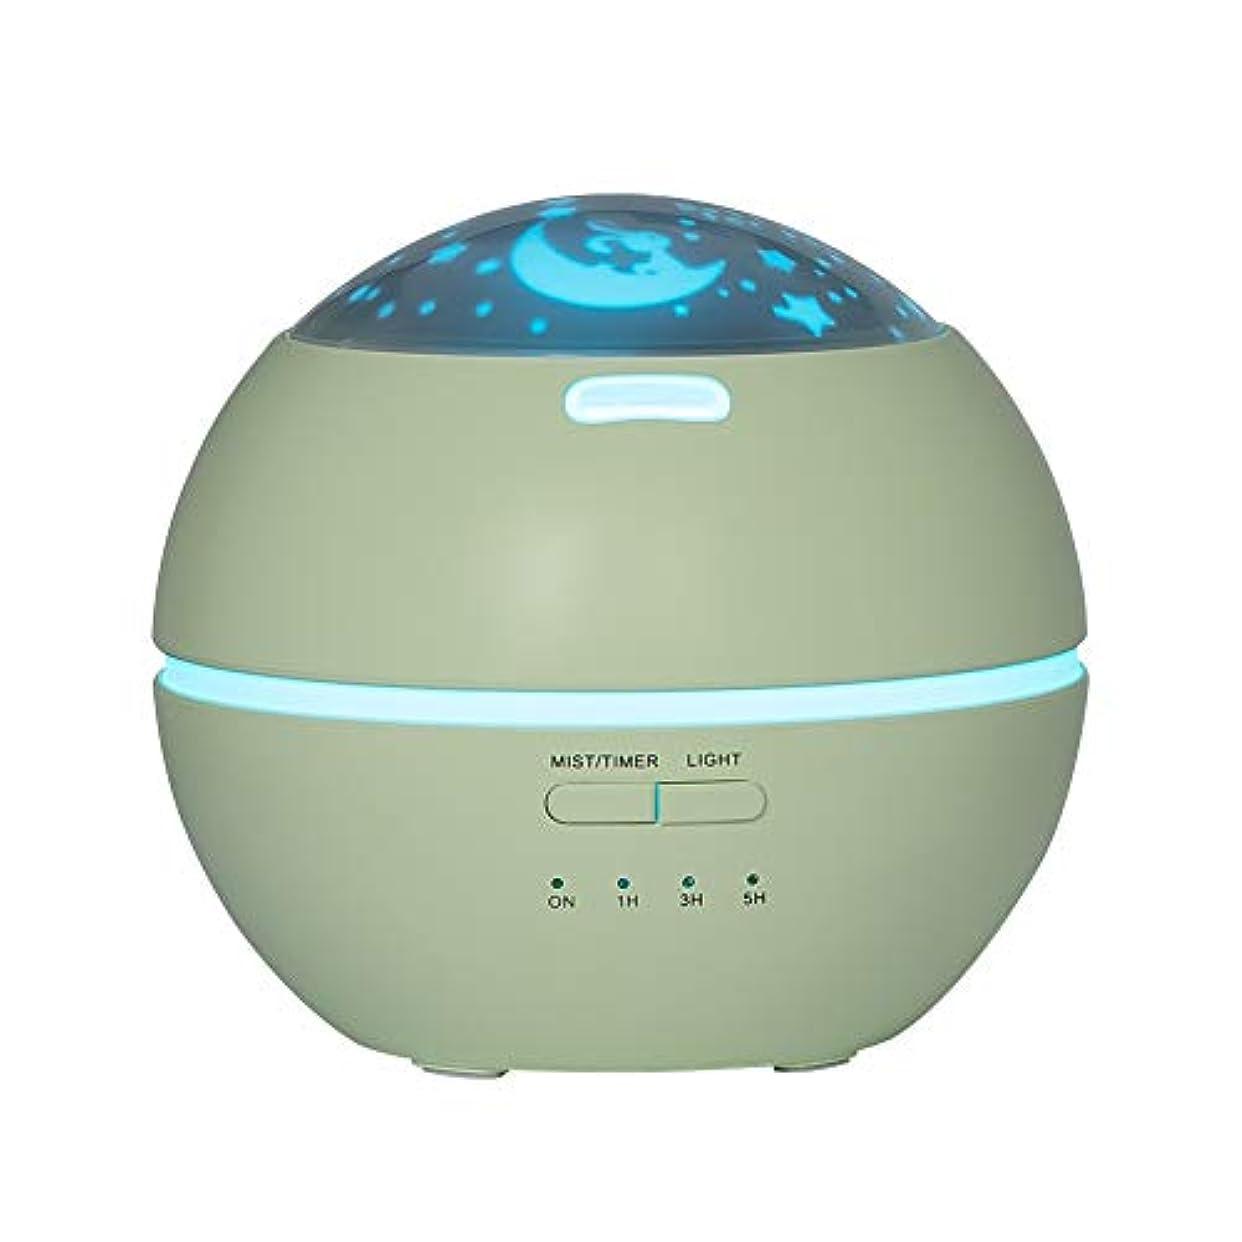 スリチンモイ名誉ハムLIBESON 加湿器 卓上 超音波式 アロマディフューザー 8色LEDライト変換 超静音 ミス調整可能 時間設定タイマー機能付き 空焚き防止機能搭載 アロマ加湿器 ホワイト150mL (グリーン)